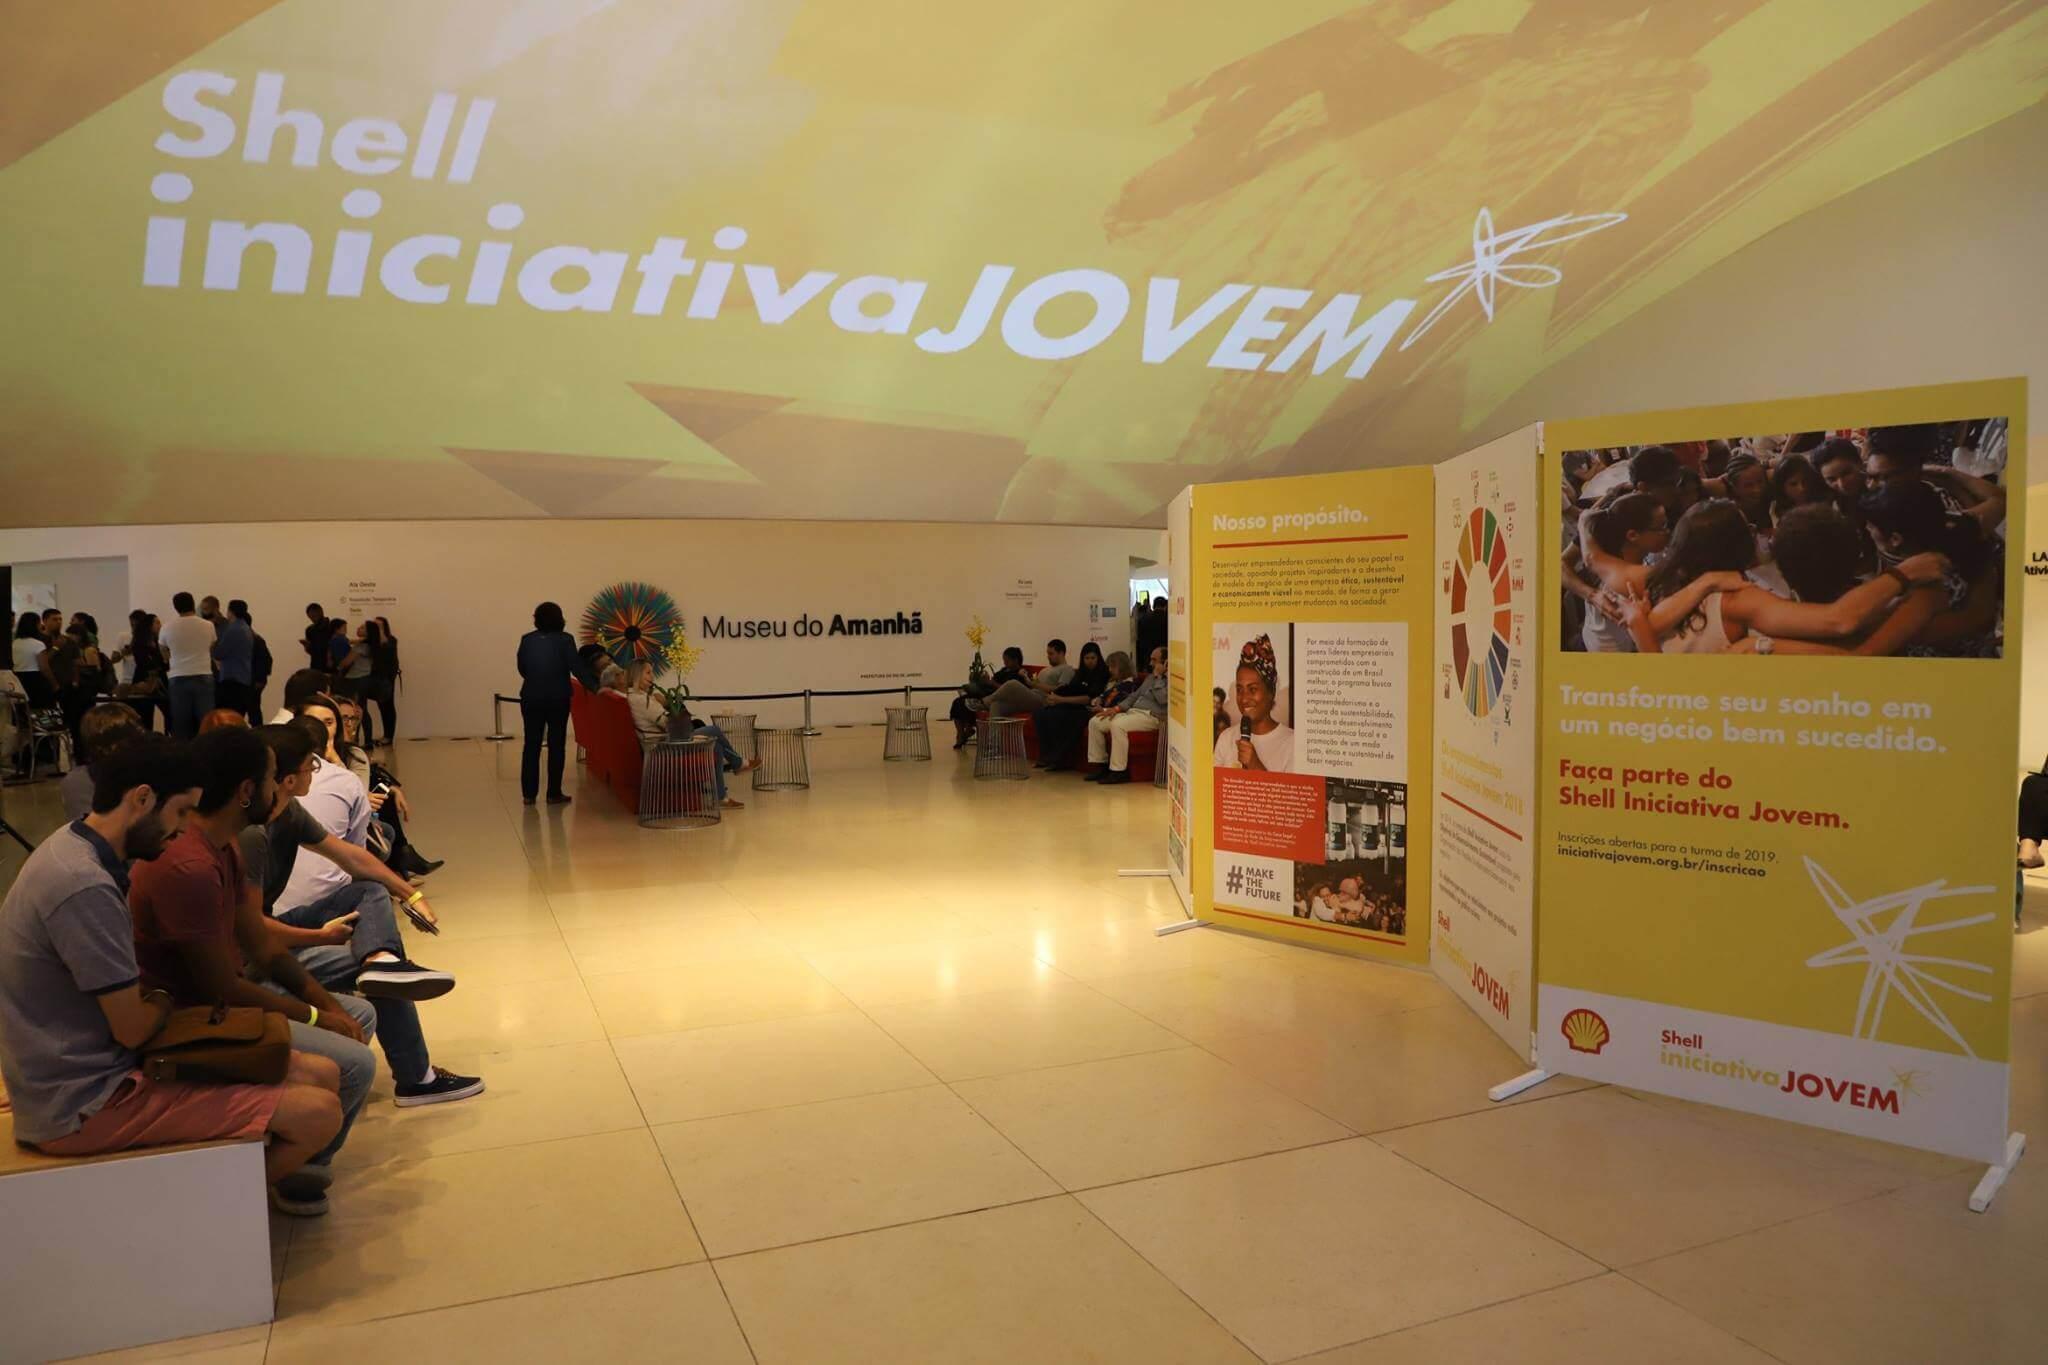 Resultado de imagem para Inscrições Shell Iniciativa Jovem 2019